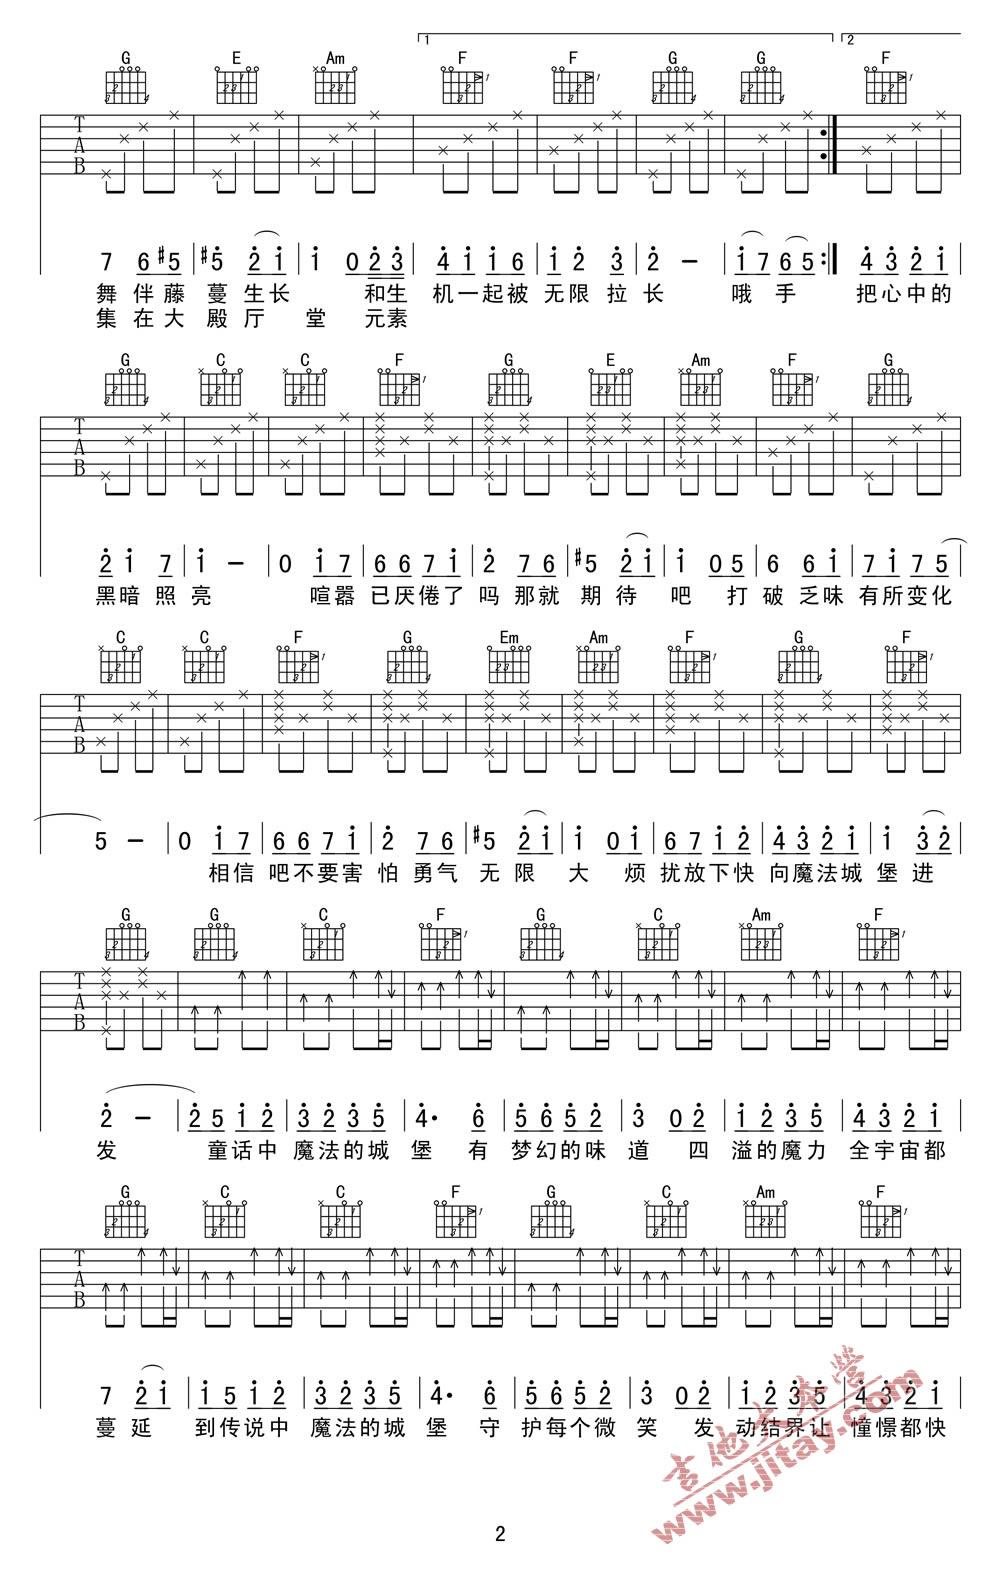 王俊凯的qq号_魔法城堡吉他谱-TFBOYS(王源/王俊凯/易烊千玺)吉他谱 -彼岸吉他 ...